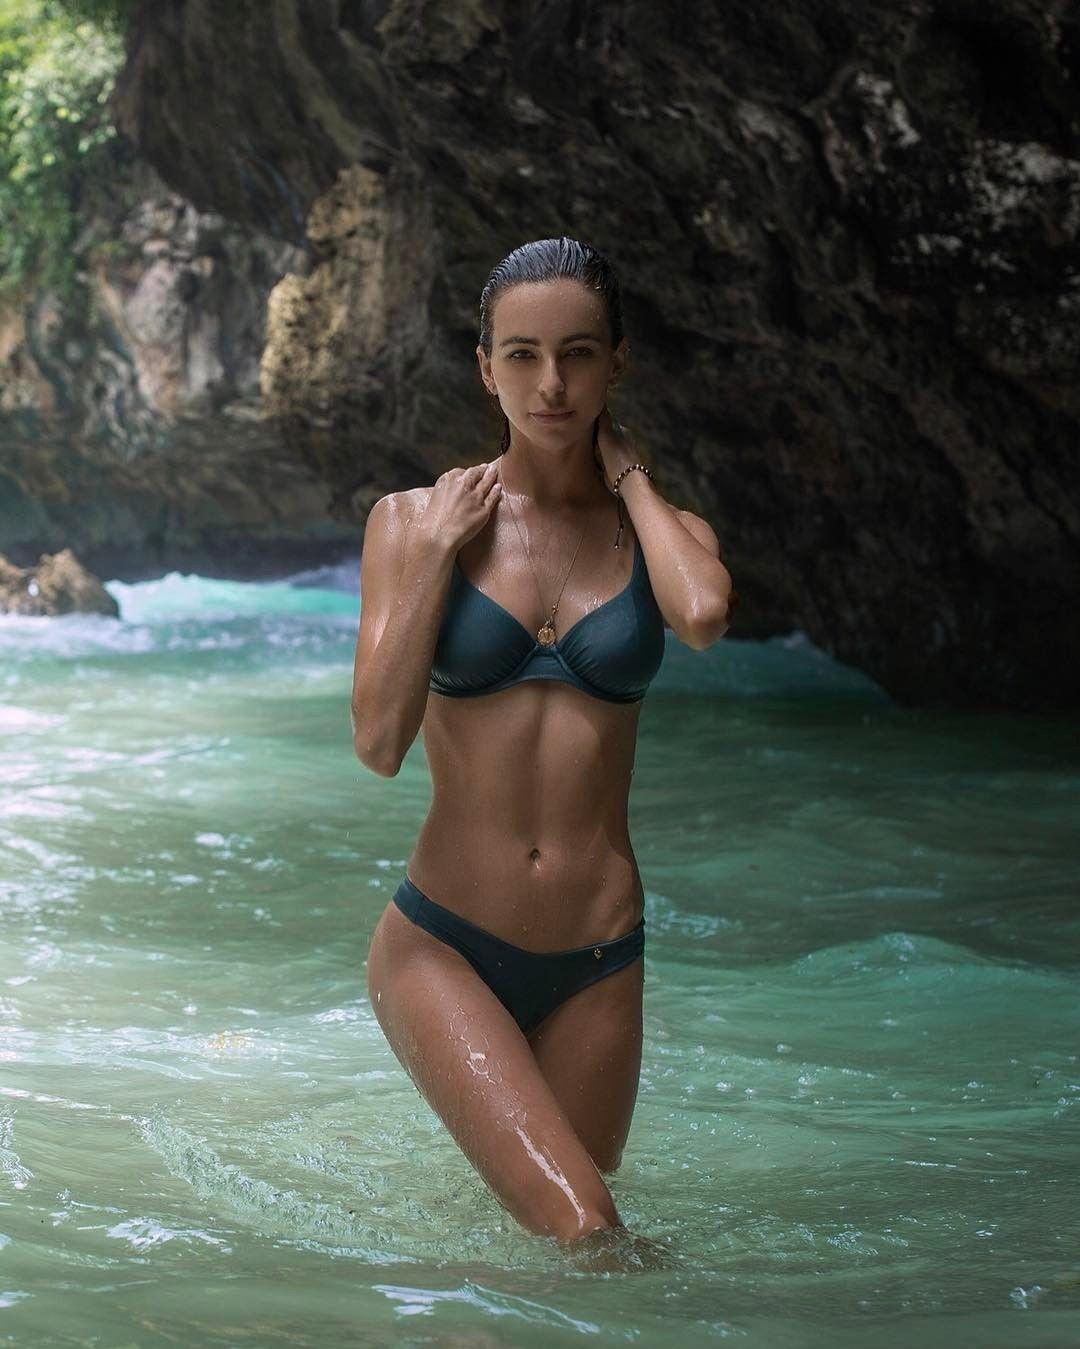 Cleavage Bikini Amanda Pizziconi naked photo 2017